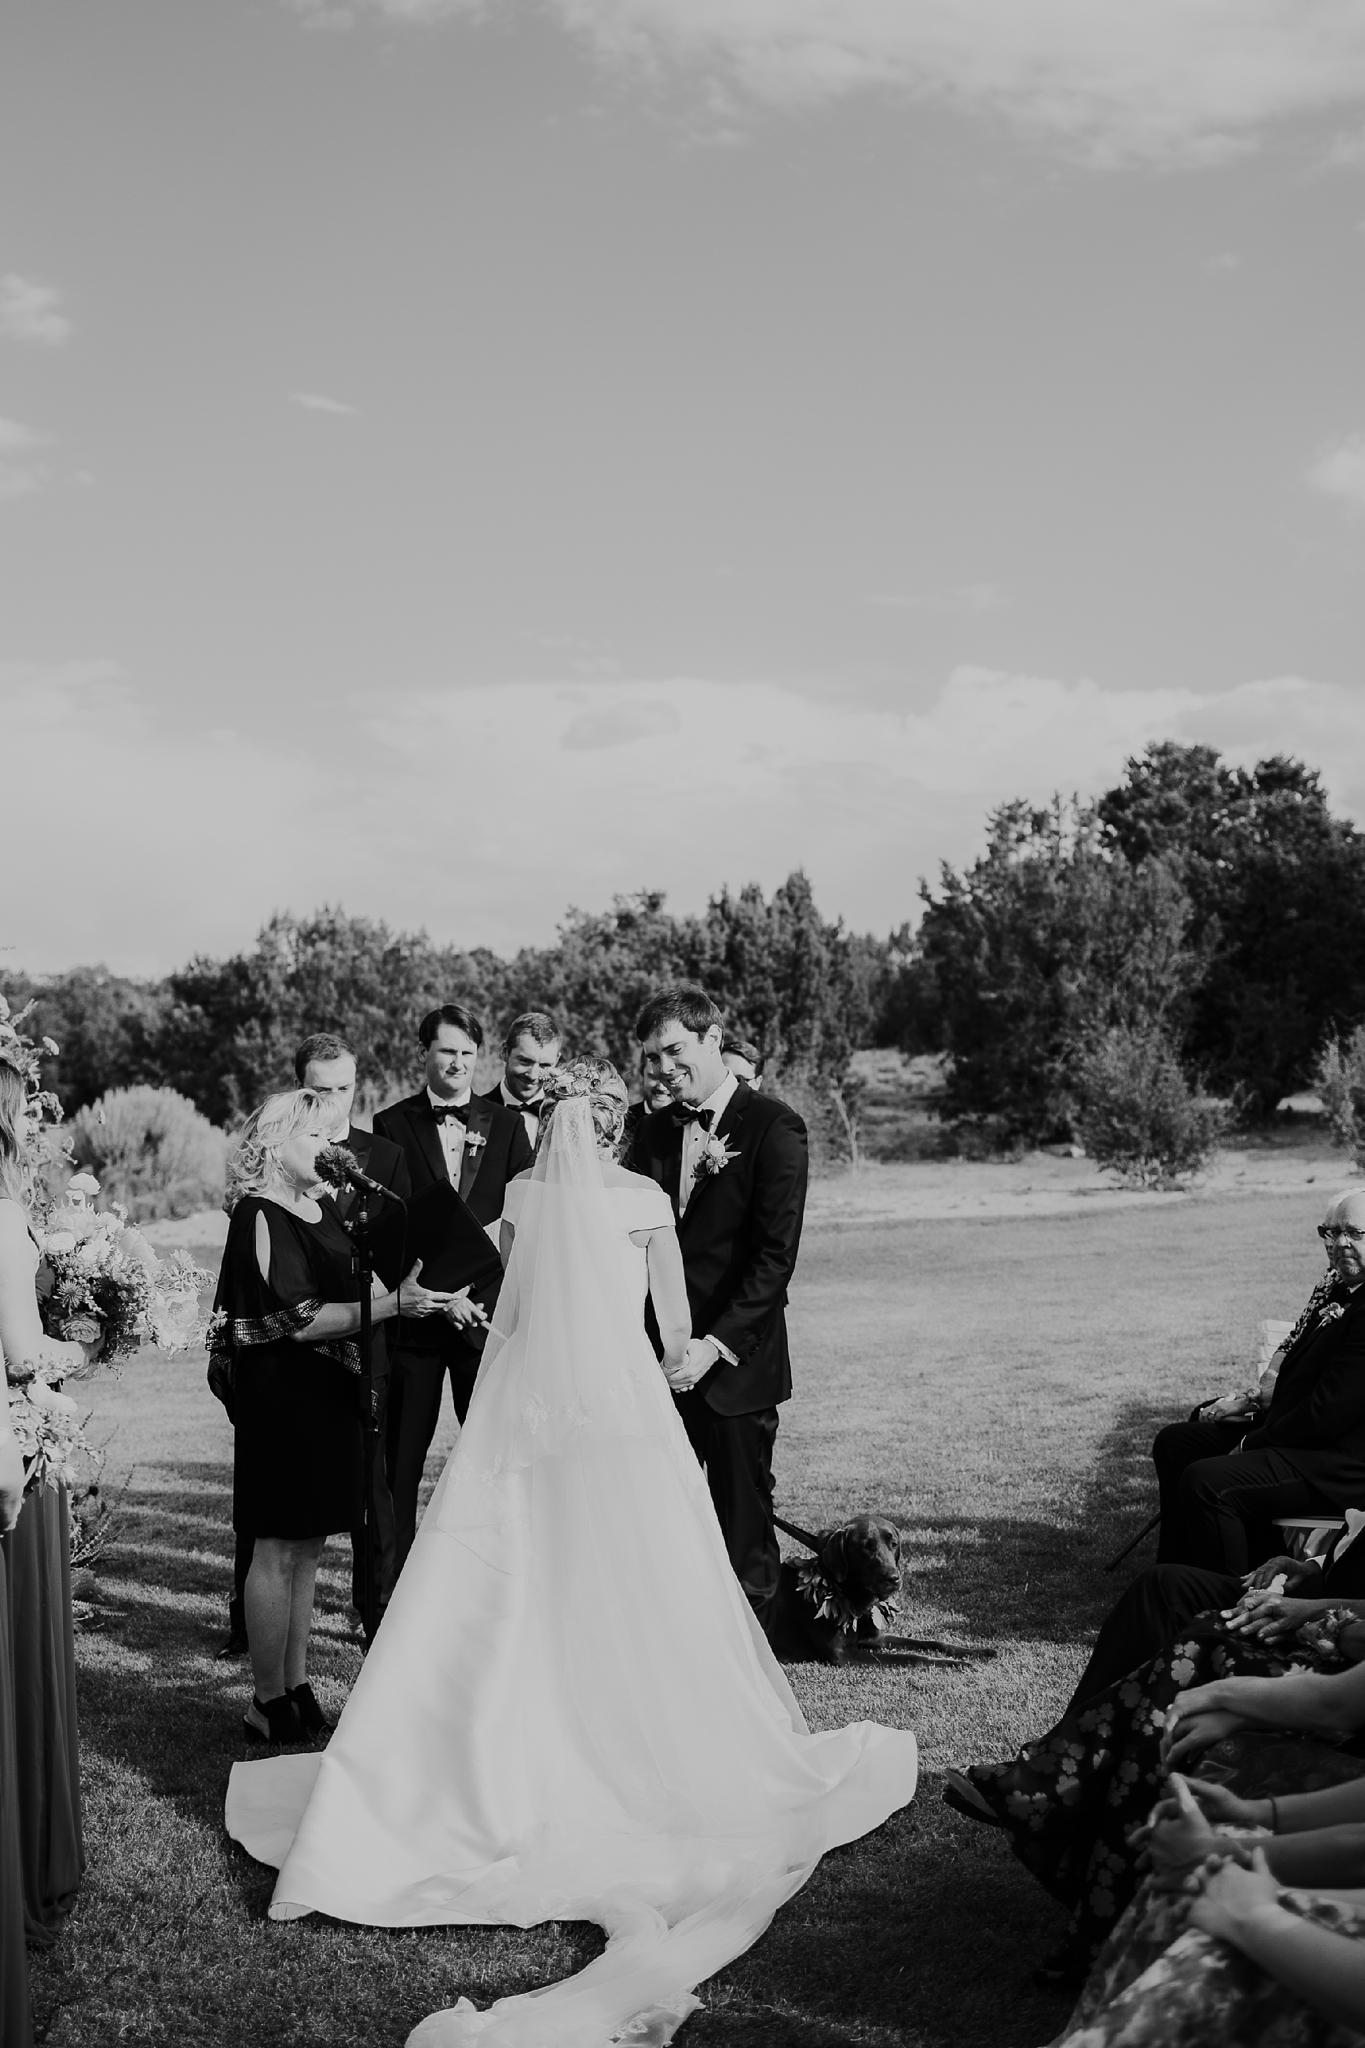 Alicia+lucia+photography+-+albuquerque+wedding+photographer+-+santa+fe+wedding+photography+-+new+mexico+wedding+photographer+-+new+mexico+wedding+-+las+campanas+wedding+-+santa+fe+wedding+-+maximalist+wedding+-+destination+wedding_0062.jpg